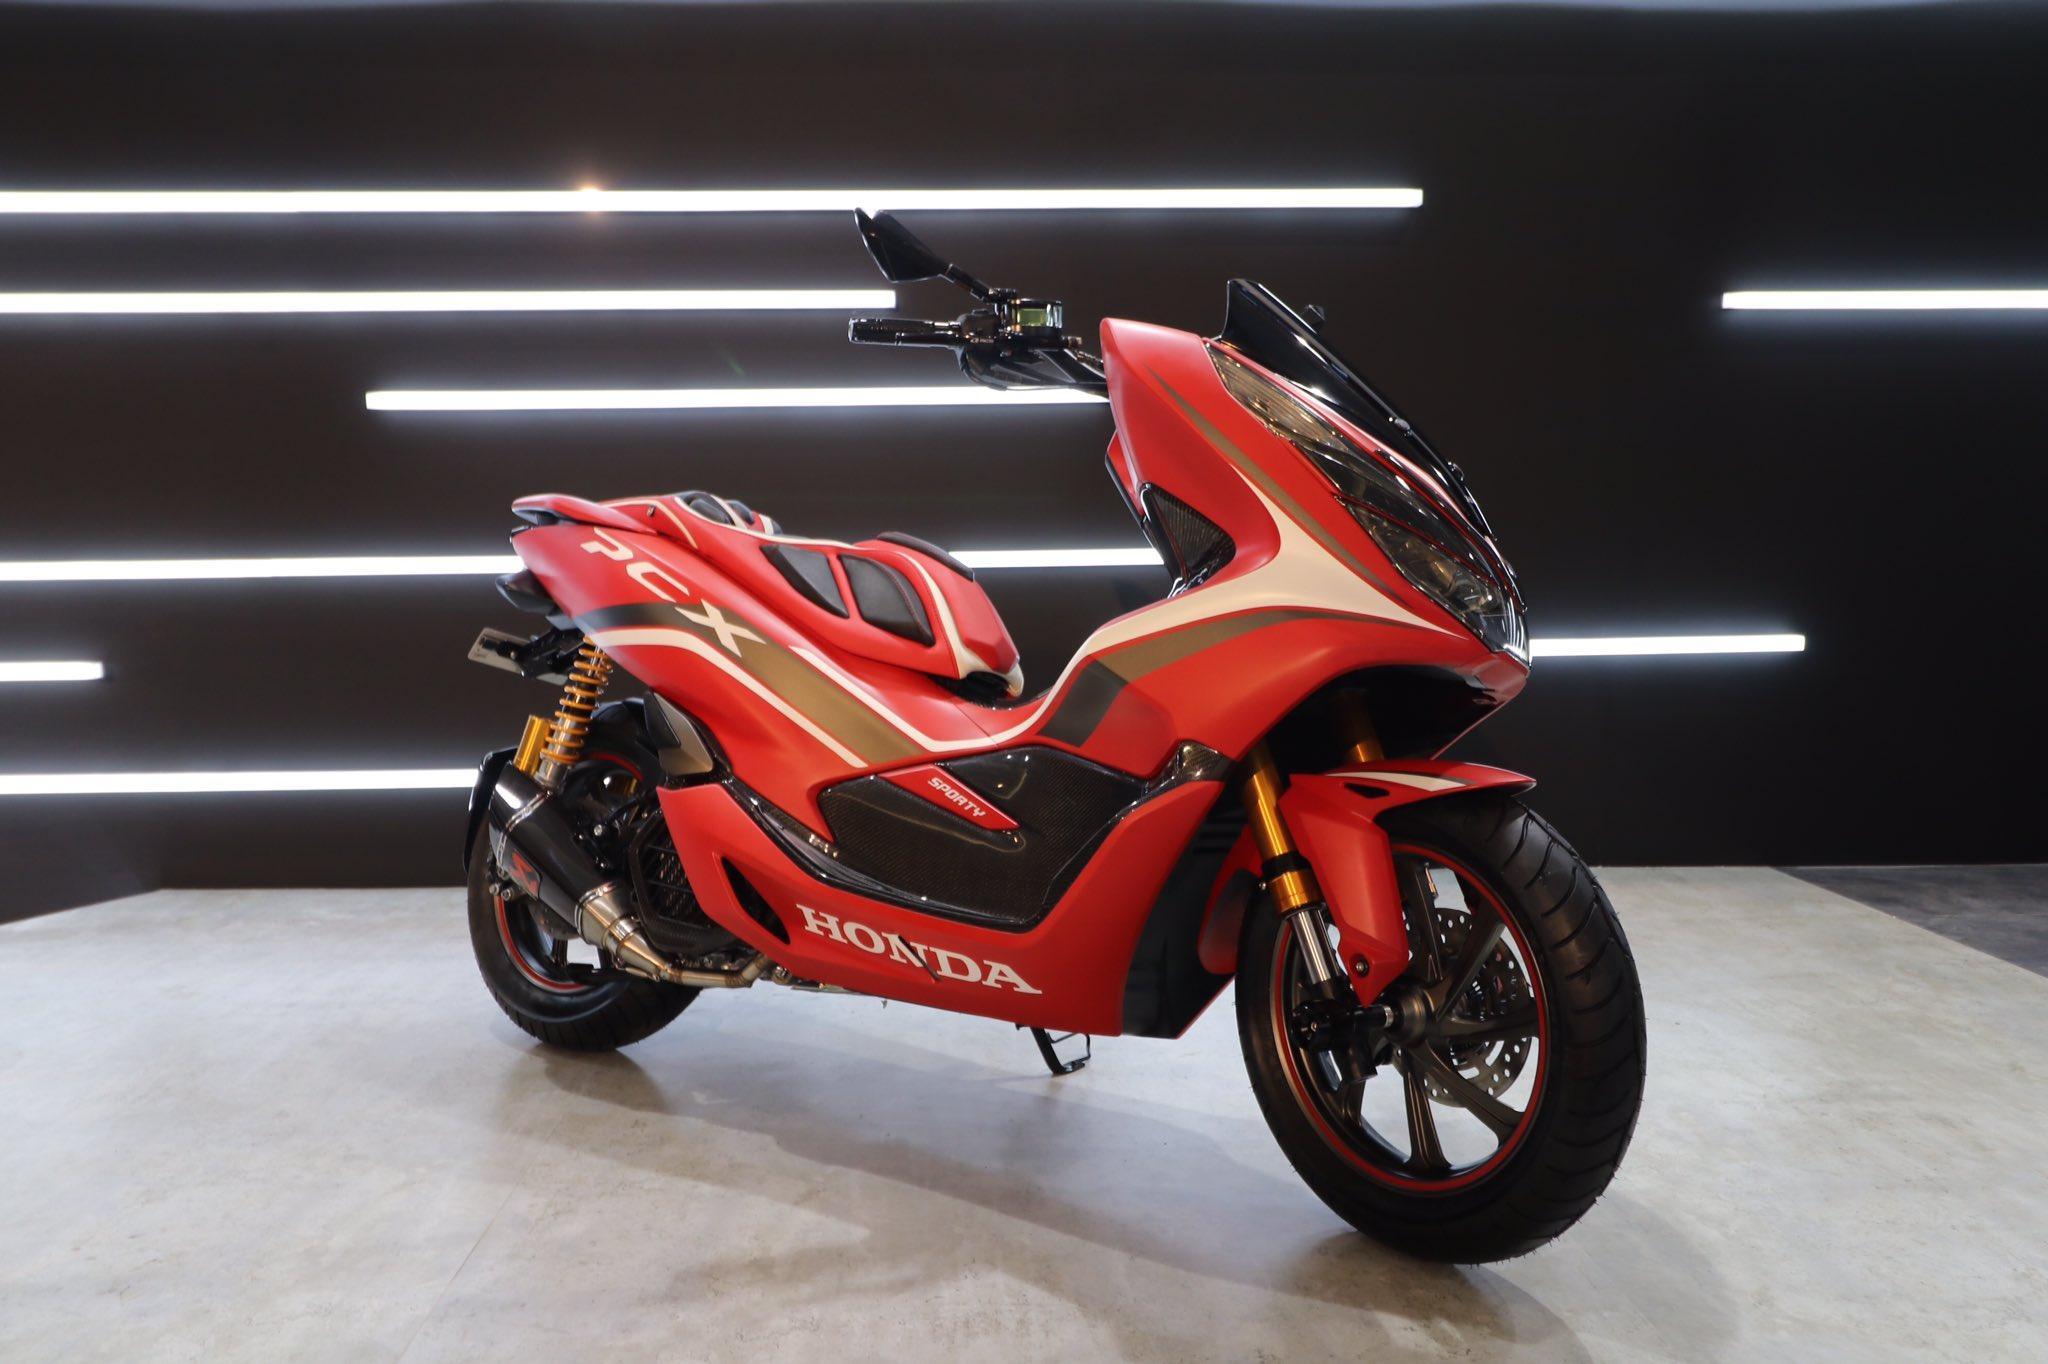 Modifikasi Honda PCX 150 Indonesia tahun 2018 versi Red Sporty